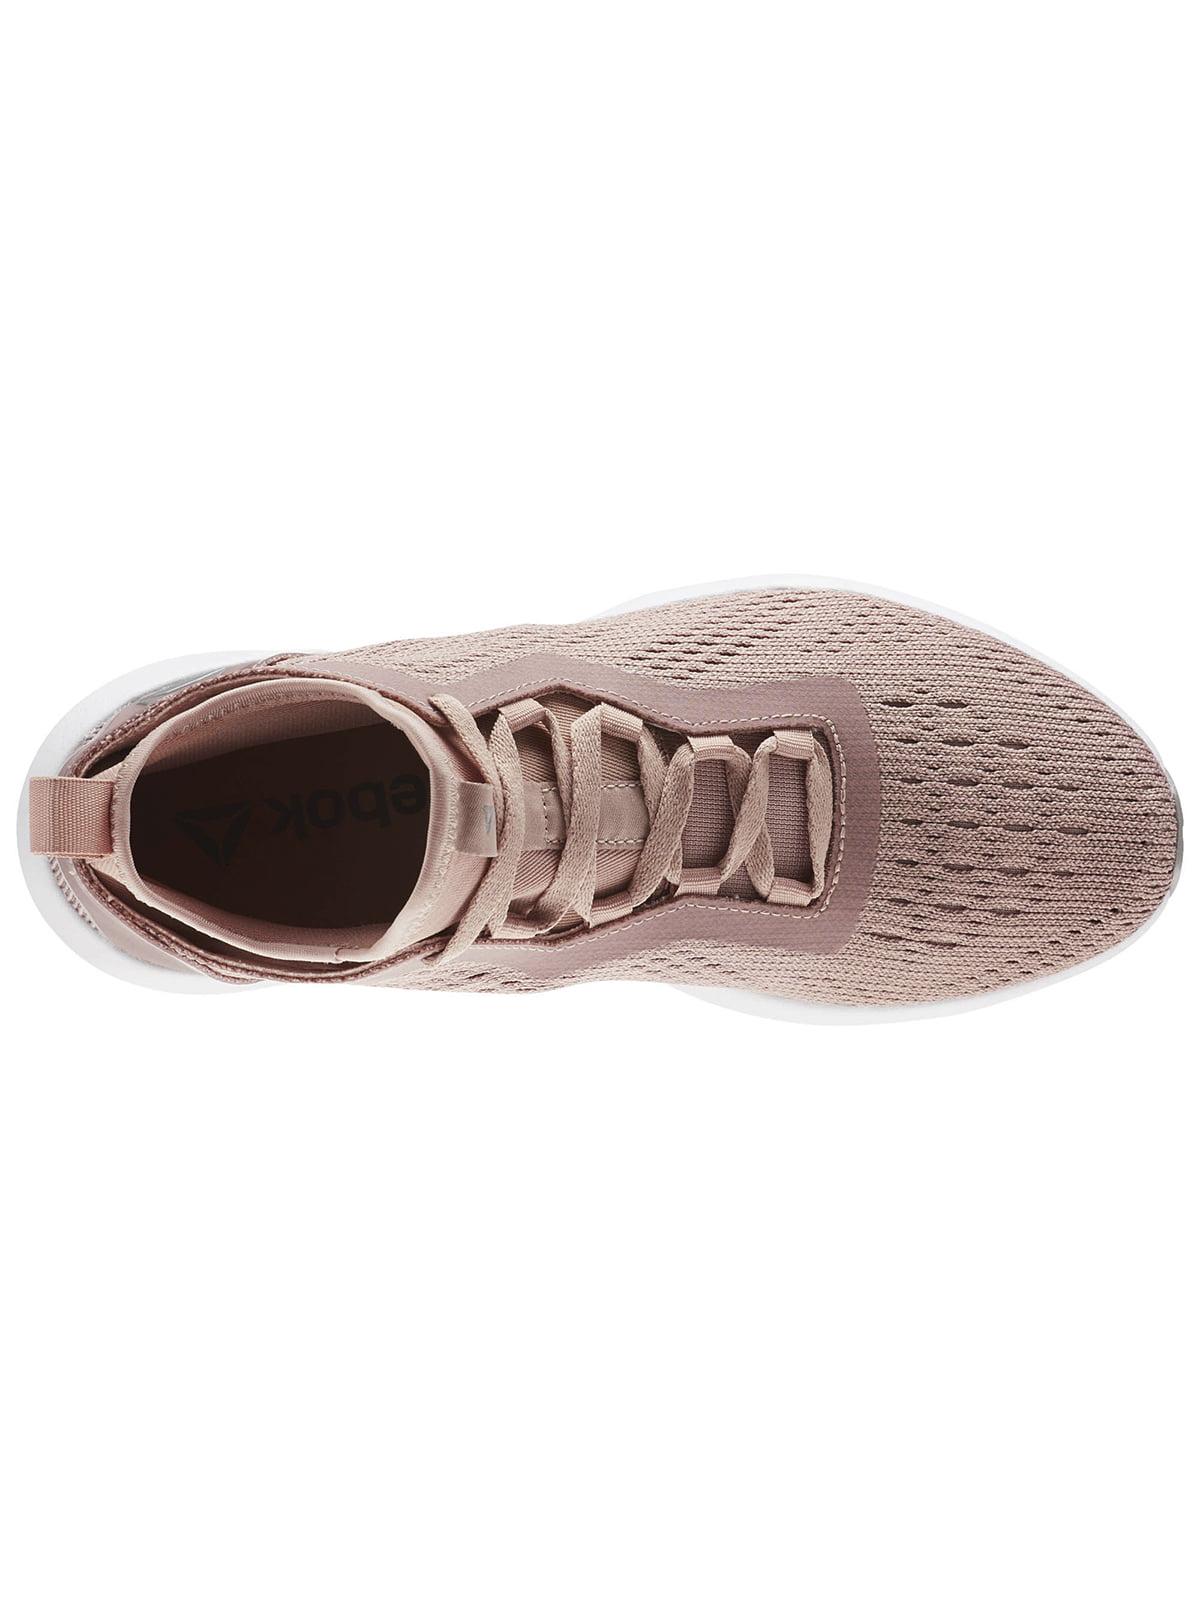 Кроссовки розовые | 4375086 | фото 6